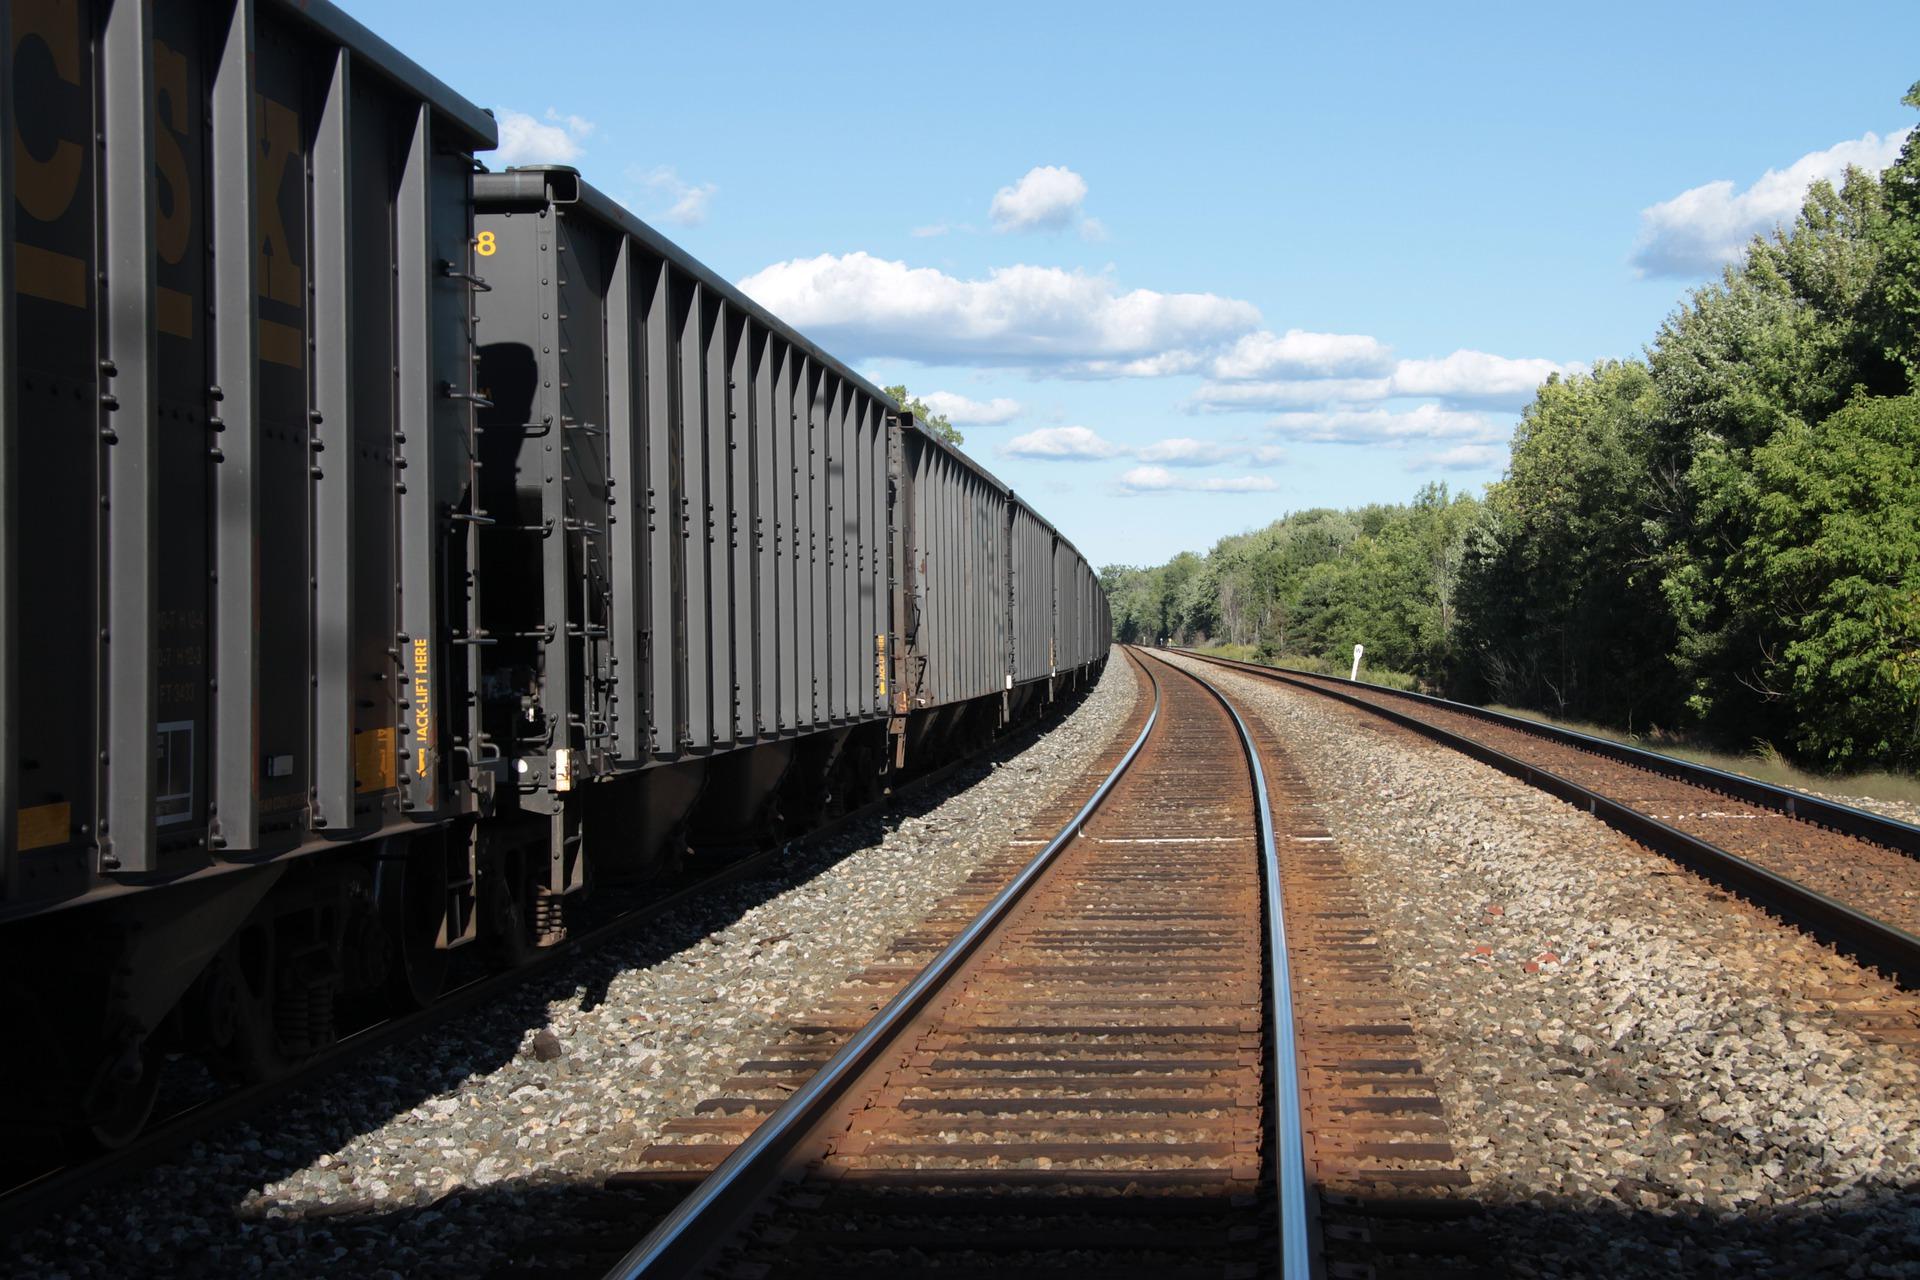 «Укрзалізниця» реалізувала послуги 780 тис. вагоновідправлень вантажів за конкурентними цінами